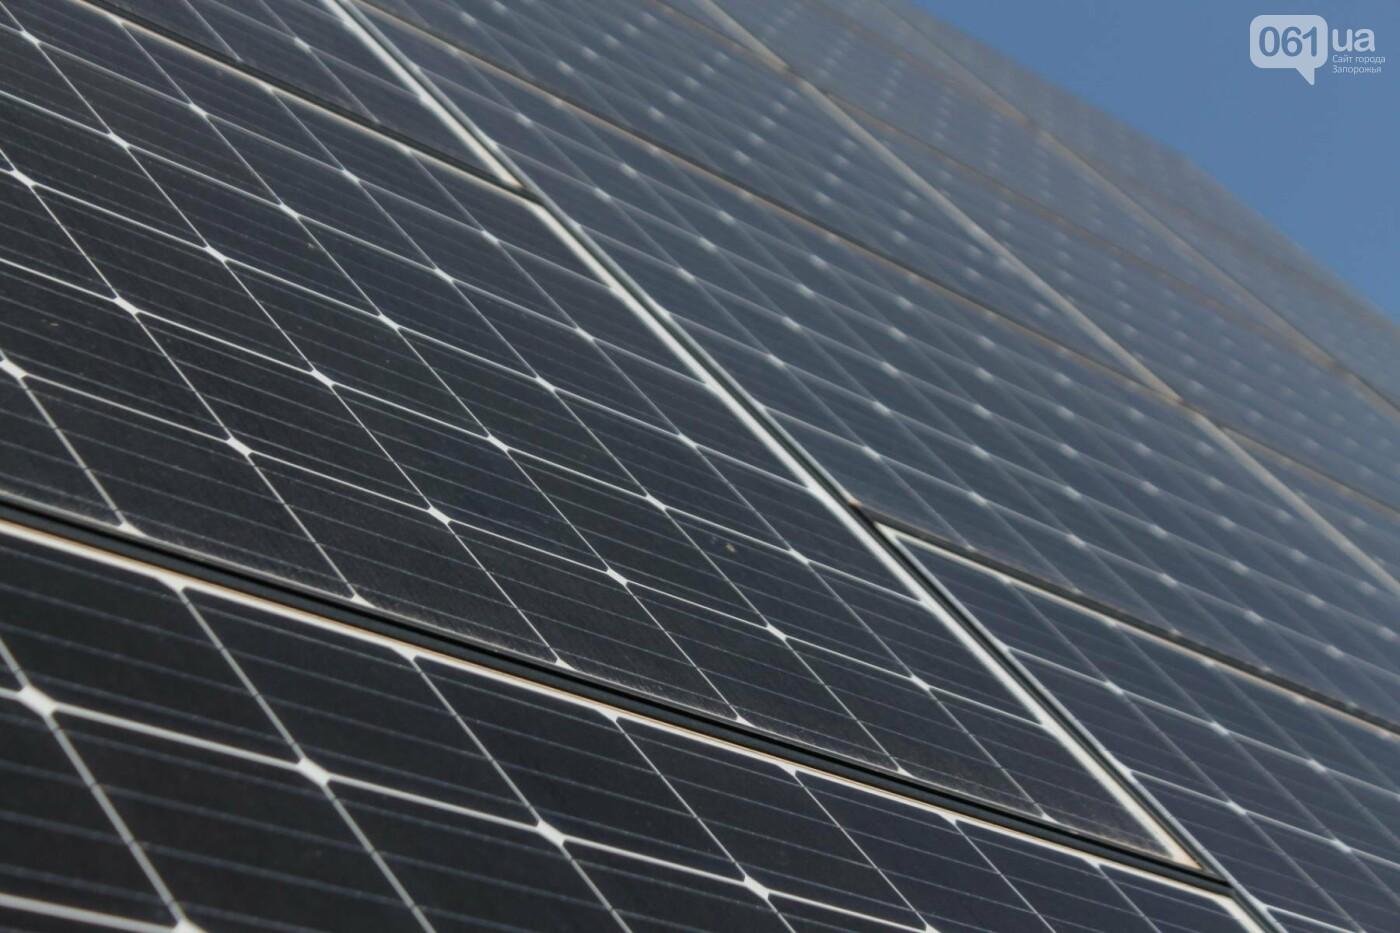 В запорожской громаде на месте свалки построили солнечную электростанцию: как она выглядит, – ФОТОРЕПОРТАЖ, фото-2